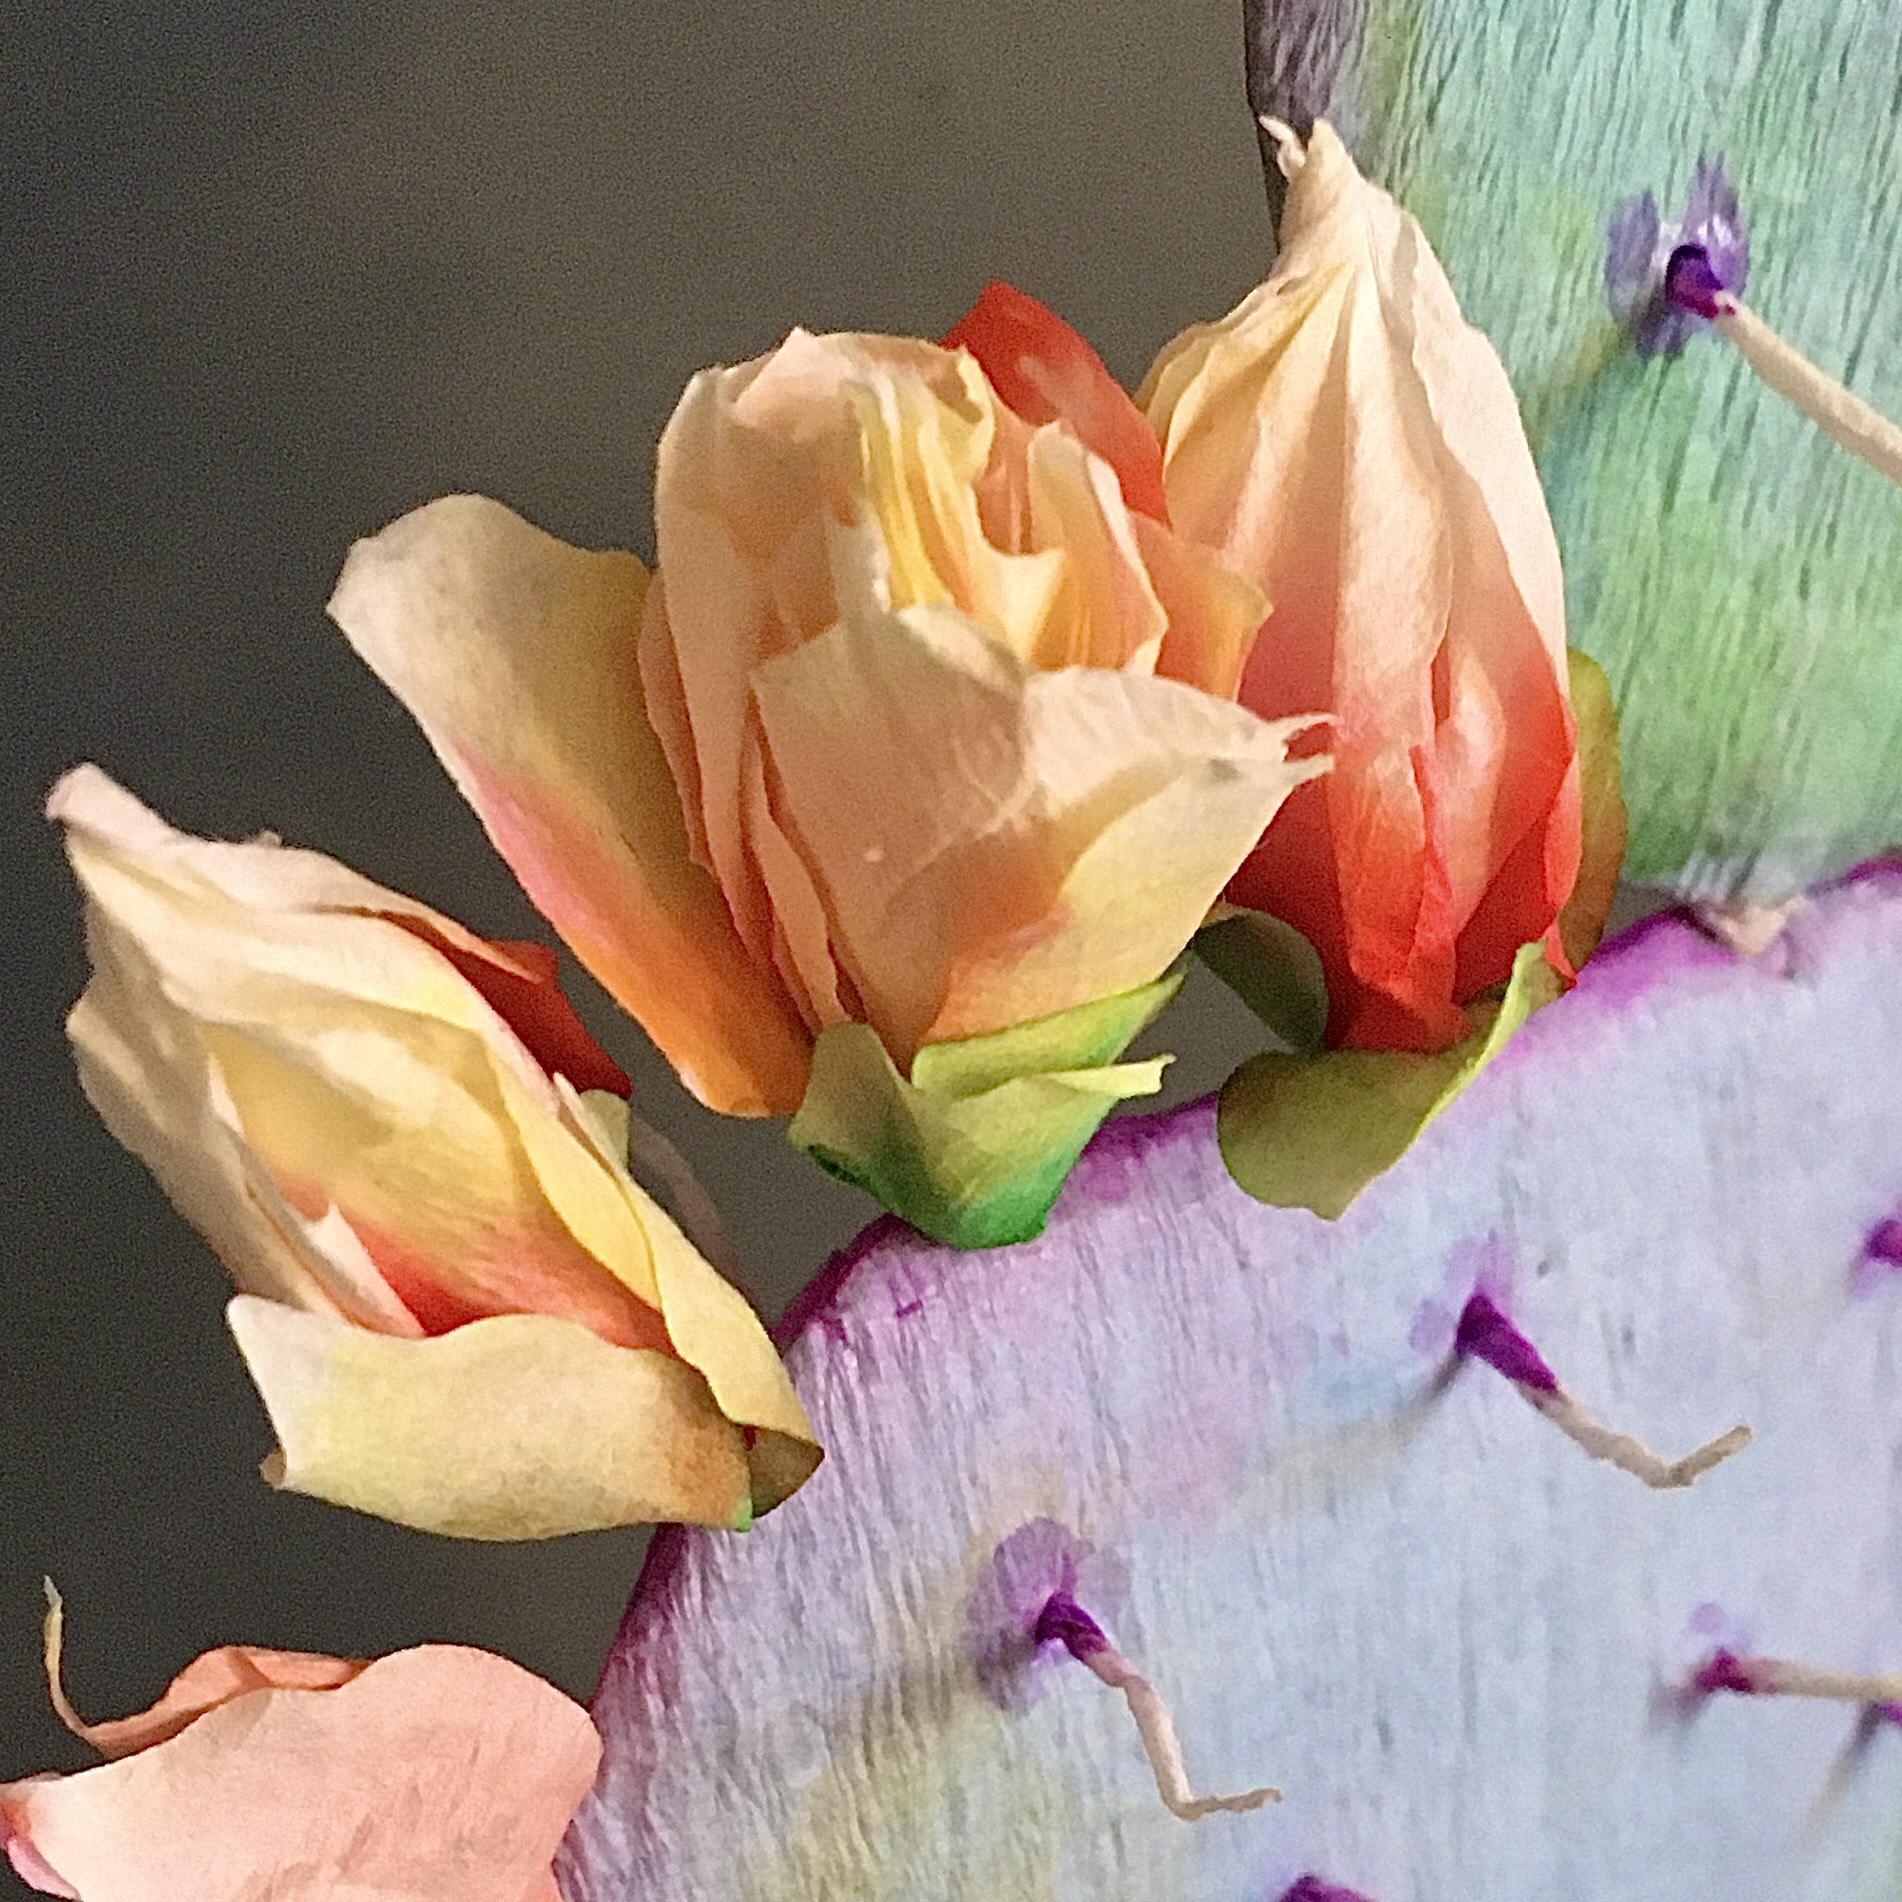 DIY flowering paper cactus - step by step tutorial